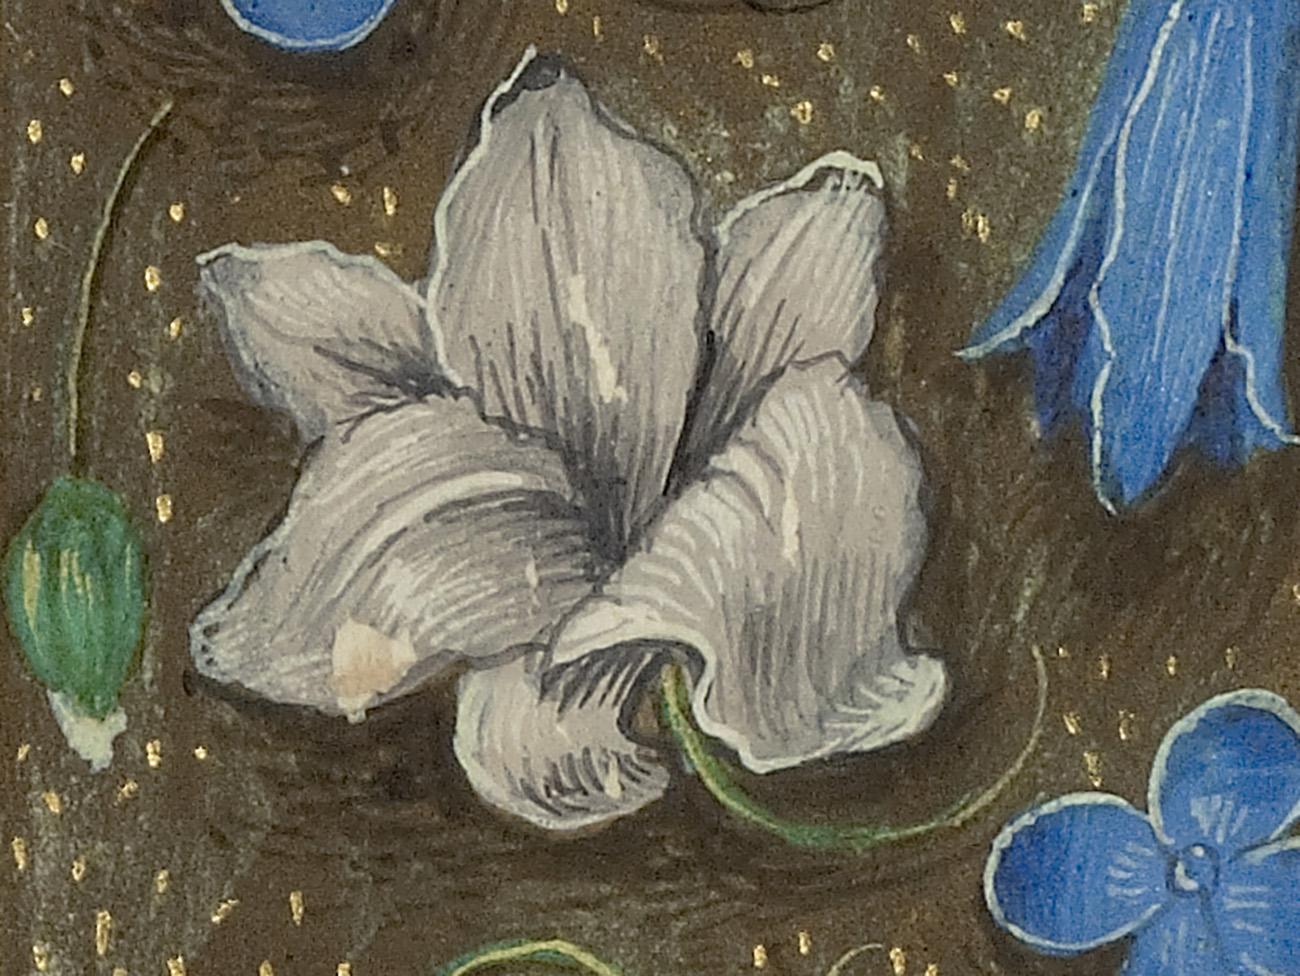 White lily flower detail in manuscript illustration